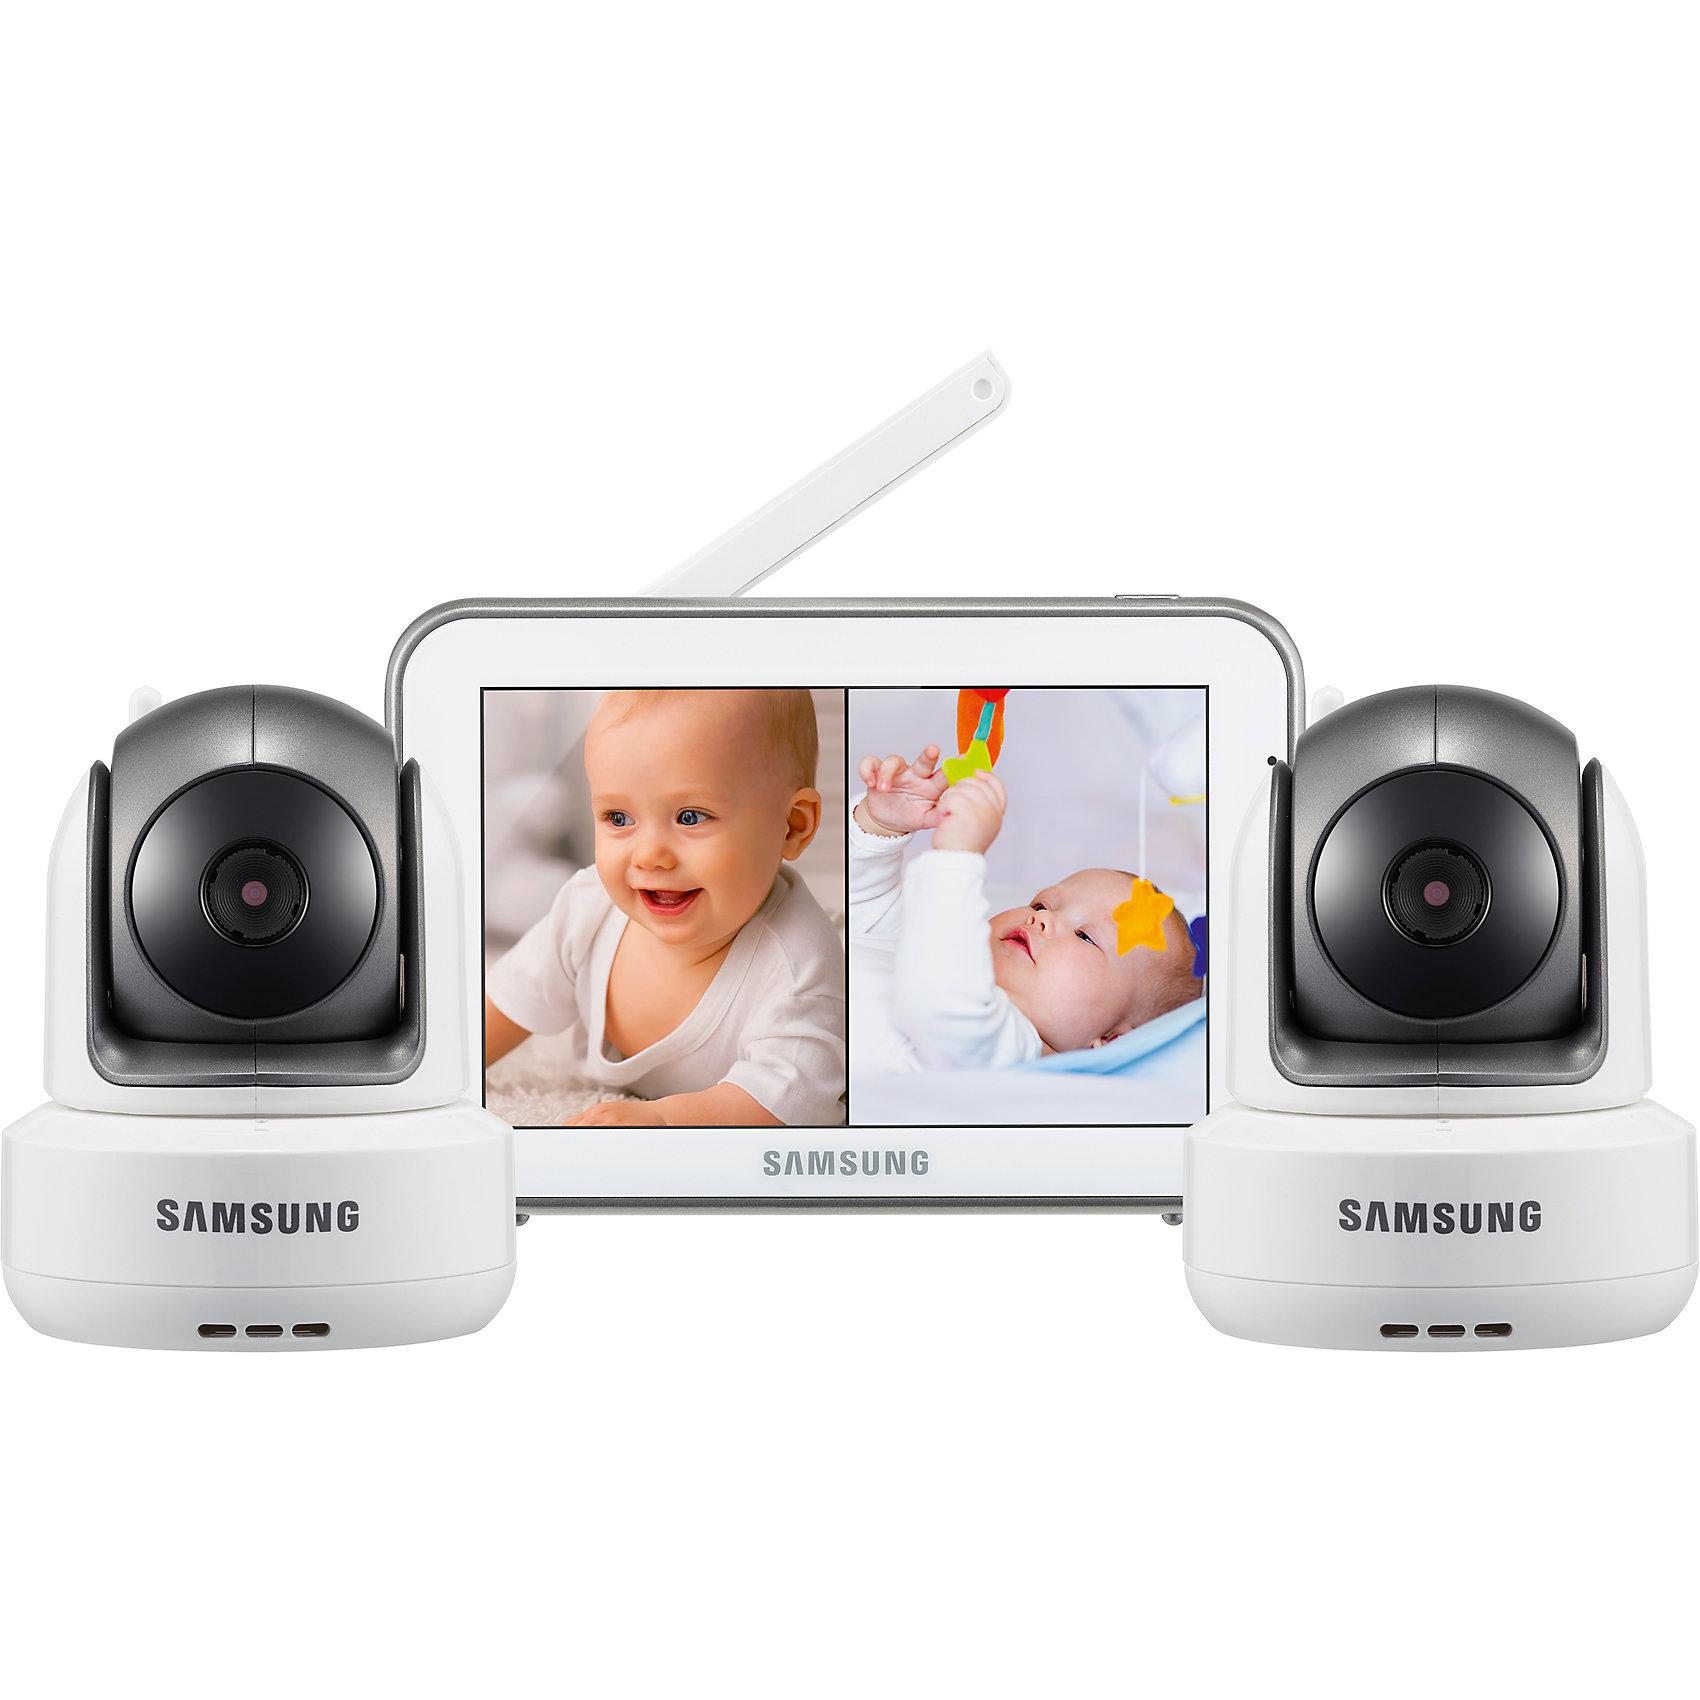 Видеоняня SEW-3043WPX2, SamsungДетская бытовая техника<br>Видеоняня SEW-3043WPX2, Samsung (Самсунг)<br><br>Характеристики:<br><br>• высокое качество изображения (HD 720p)<br>• полный обзор комнаты благодаря повороту камеры<br>• двухсторонняя связь<br>• качественный звук<br>• встроенный ночник<br>• автоматическое включение ночного видения (не мешает ребенку)<br>• встроенные колыбельные<br>• сенсорный экран 12,7 см<br>• разрешение экрана: 1280х720 <br>• цифровой зум<br>• таймер кормления<br>• регулируемая громкость<br>• удобное крепление детского и родительского блоков<br>• индикатор уровня заряда<br>• дальность действия: до 300 метров<br>• питание родительского блока: от сети 220В, встроенный аккумулятор<br>• питание детского блока: встроенный аккумулятор, от сети 220В через адаптер<br>• количество камер: 2<br>• размер упаковки: 39х24х11 см<br>• вес: 1550 грамм<br><br>Видеоняня SEW-3043WPX2 позволит вам непрерывно наблюдать за малышом, находясь на расстоянии. В комплект входят две камеры и родительский блок. Камеры поворачиваются на 300 градусов по горизонтали и на 110 по вертикали, что обеспечивает вам полноценный обзор комнаты. <br><br>Видеоняня оснащена такими полезными функциями как таймер кормления, встроенные колыбельные мелодии и двухсторонняя связь. Таймер кормления оповестит вас, когда придет время накормить кроху. А с помощью двухсторонней связи вы сможете пообщаться с малышом.  <br><br>Инфракрасная подсветка для режима ночного видения не беспокоит спящего ребенка. Детский блок оснащен ночником, которым вы сможете управлять с родительского блока. Видеоняня имеет высокое качество изображения и звука. Вы всегда будете знать, что делает малыш, даже если вас нет рядом. <br><br>Видеоняню SEW-3043WPX2, Samsung (Самсунг) вы можете купить в нашем интернет-магазине.<br><br>Ширина мм: 80<br>Глубина мм: 300<br>Высота мм: 0<br>Вес г: 1001<br>Возраст от месяцев: 0<br>Возраст до месяцев: 1188<br>Пол: Унисекс<br>Возраст: Детский<br>SKU: 5516701